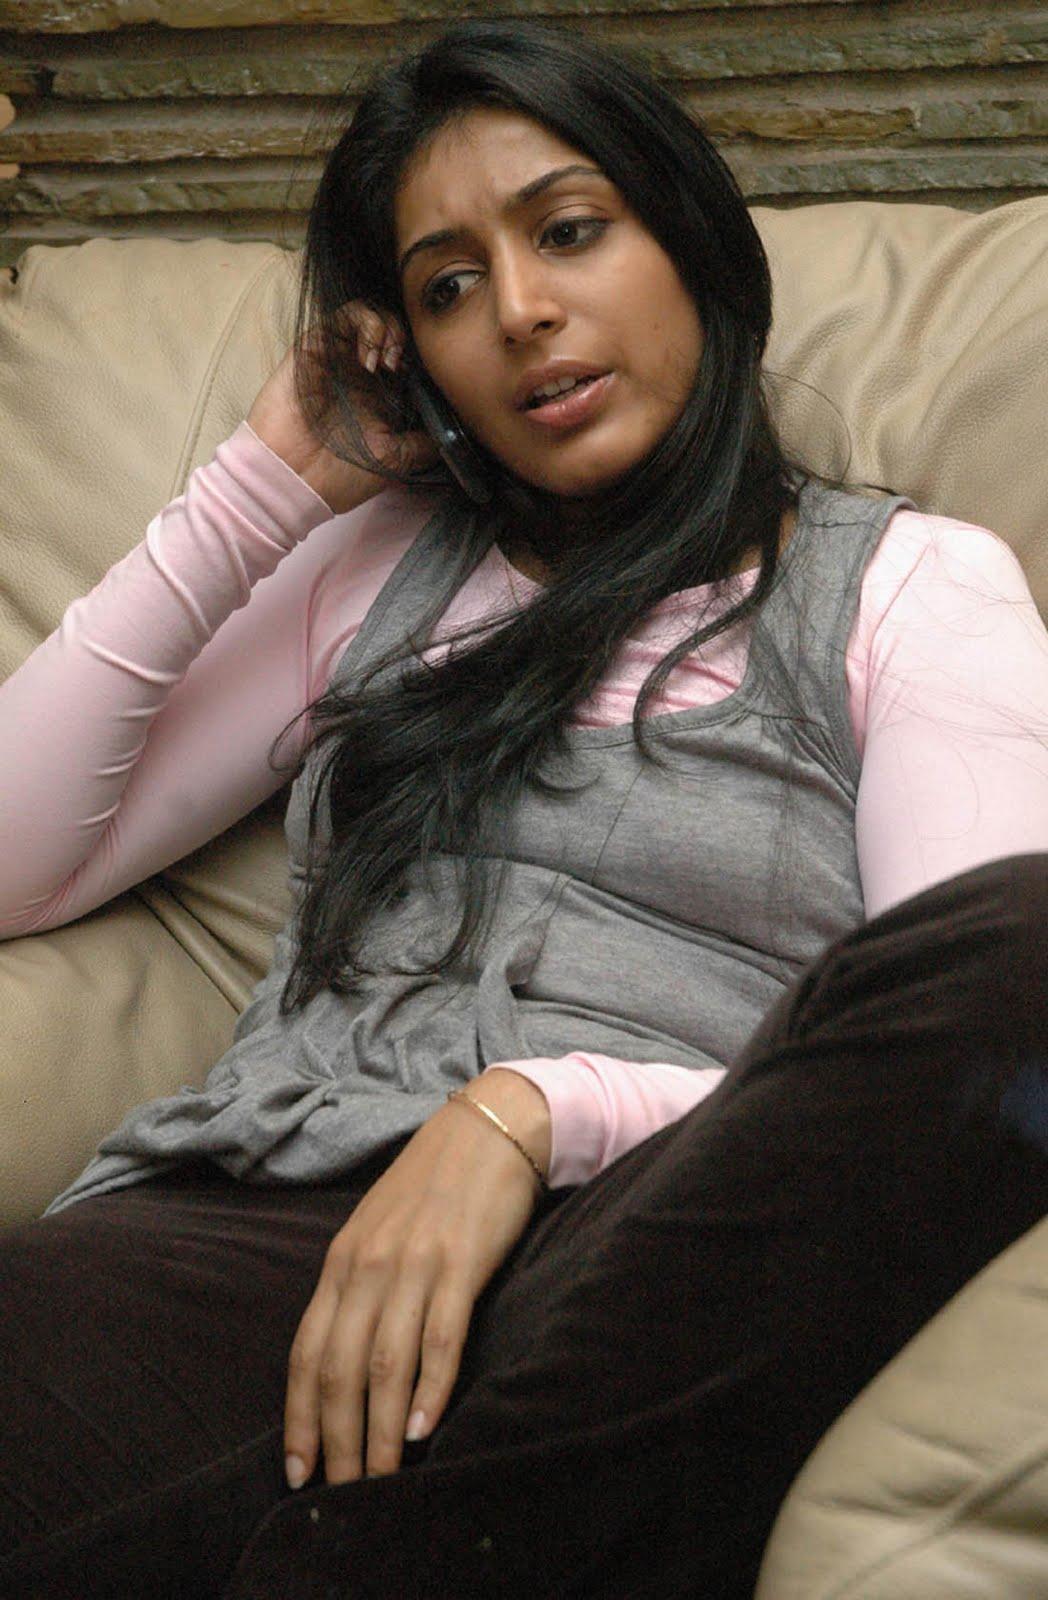 Tamil actress hot photos without dress 2018 images pictures dress tamil actress tamil actress hot photos without dress altavistaventures Gallery